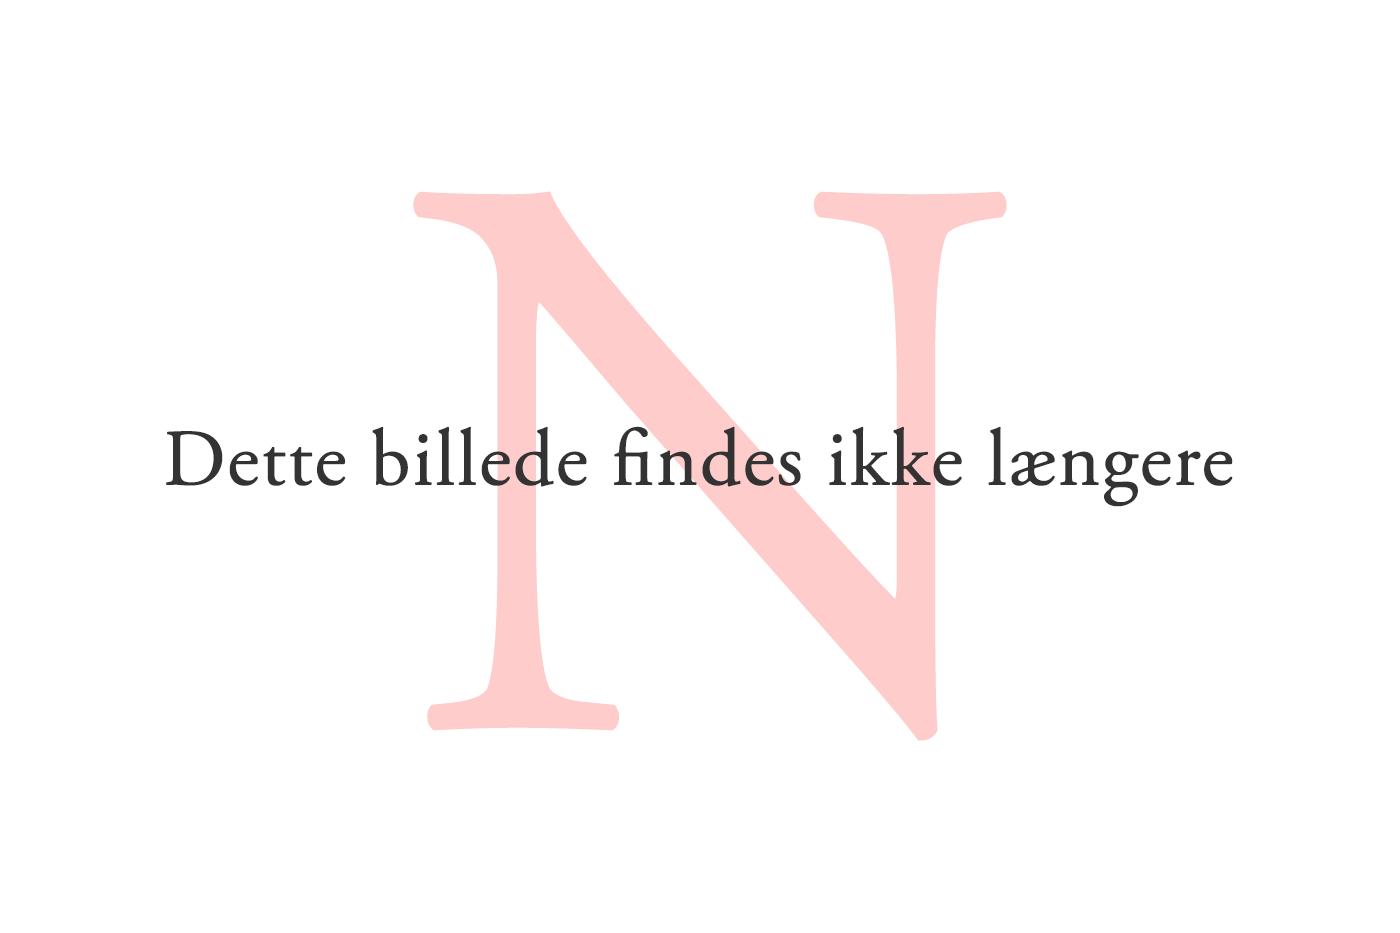 Lovløs: Danskere der vil aktie-crowdfunde kan fortsat ikke blive oplyst om de gældende regler  Foto: Pixabay.com